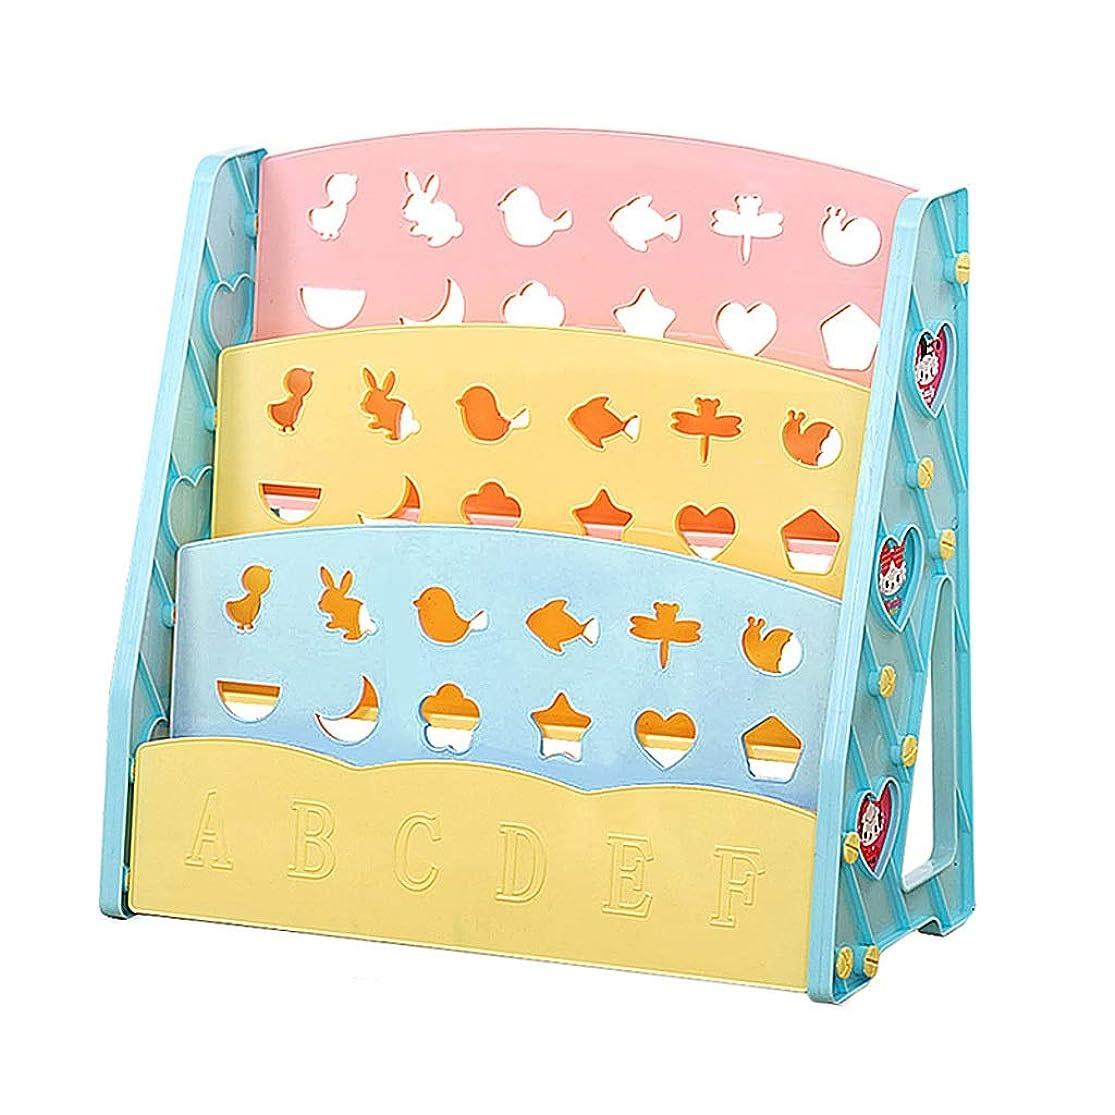 採用する速い慣性子供の本棚ホーム絵本スタンド赤ちゃんシンプル漫画本収納本棚プラスチック69 * 30 * 63 cm LCSHAN (Color : Blue)